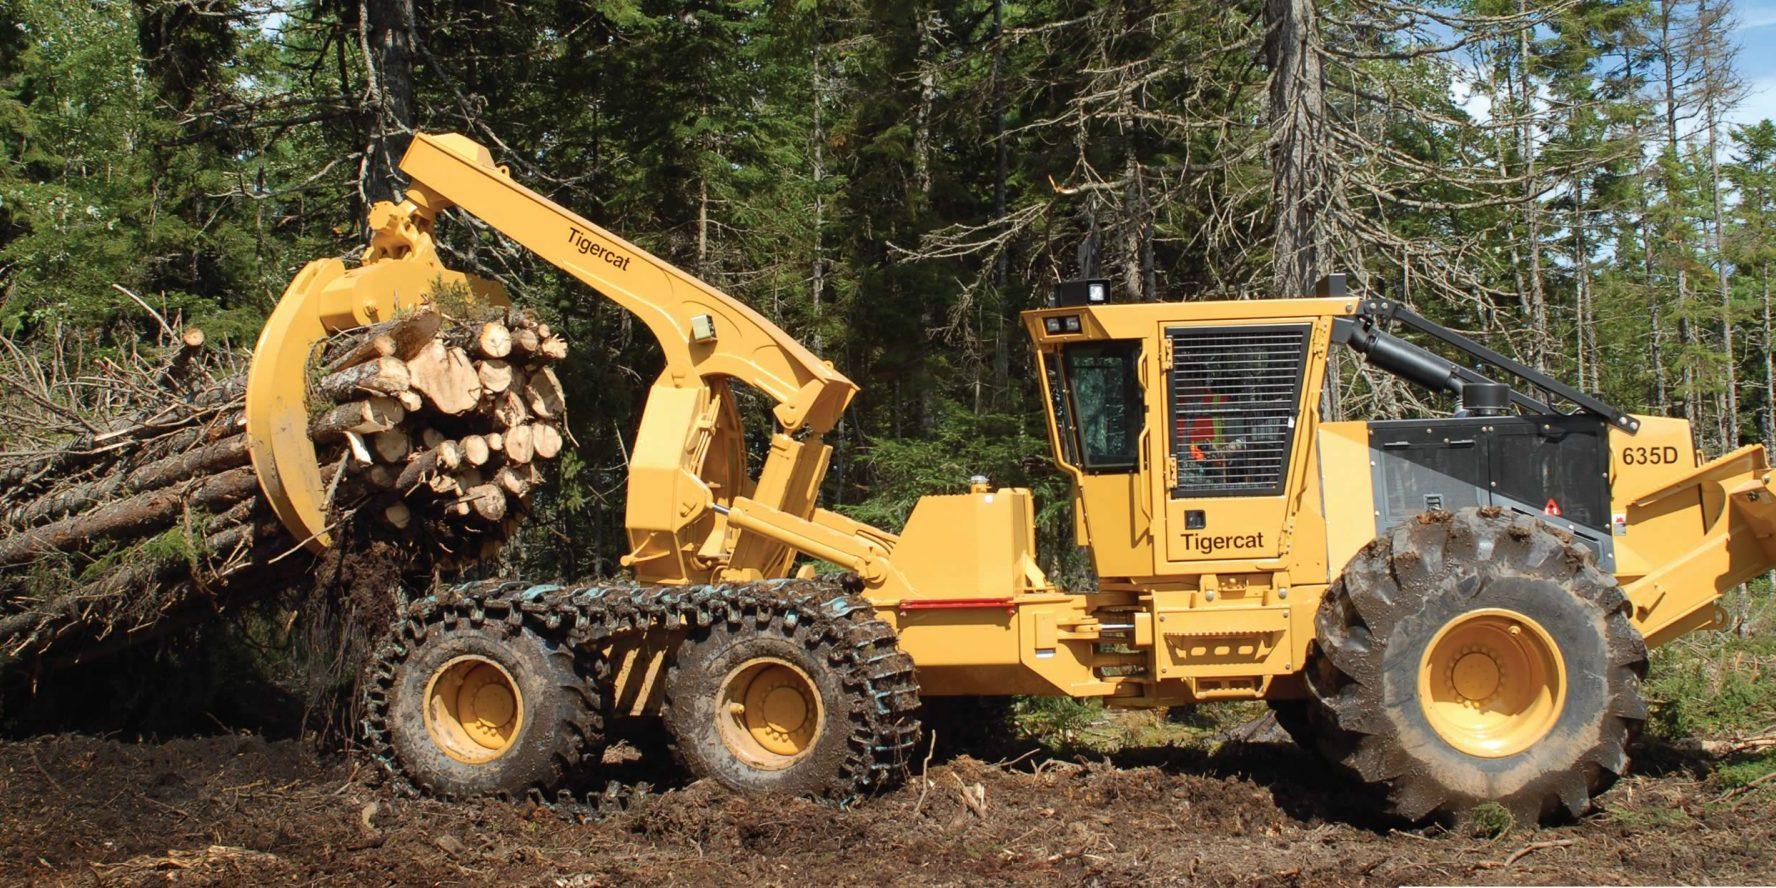 Tigercat Equipment